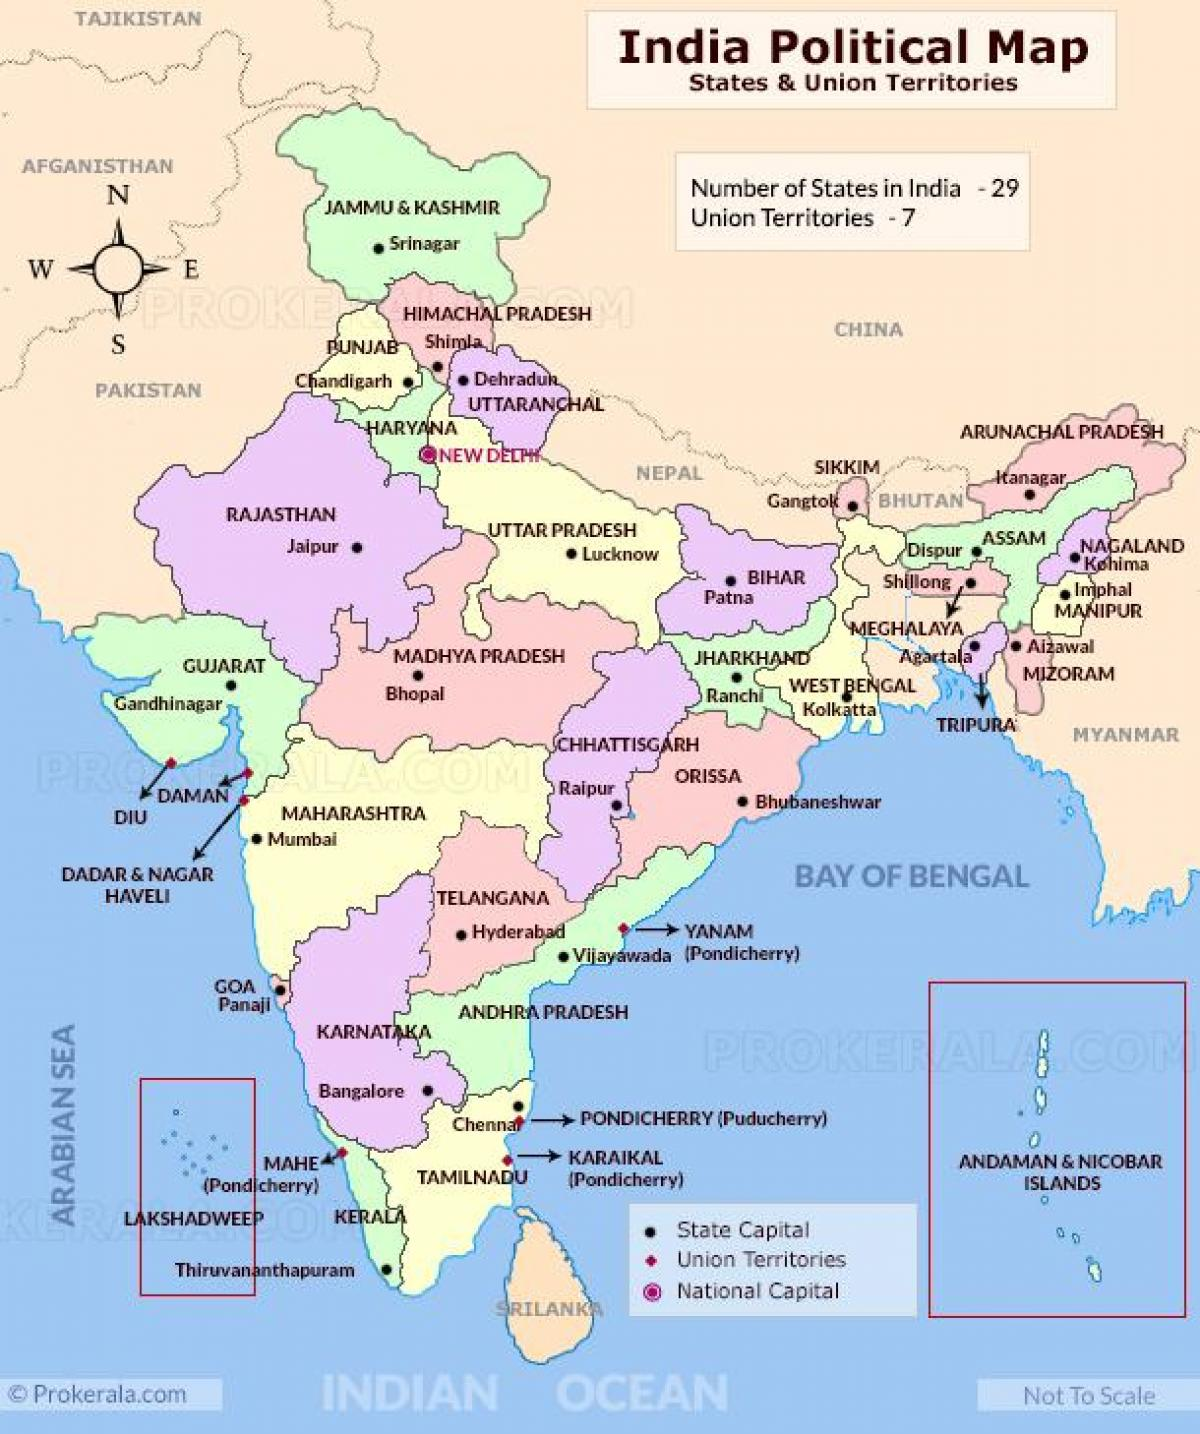 Cartina Dell India Politica.Stati Dell India Sulla Mappa Politica Cartina Politica Dell India Stati L Asia Del Sud Asia